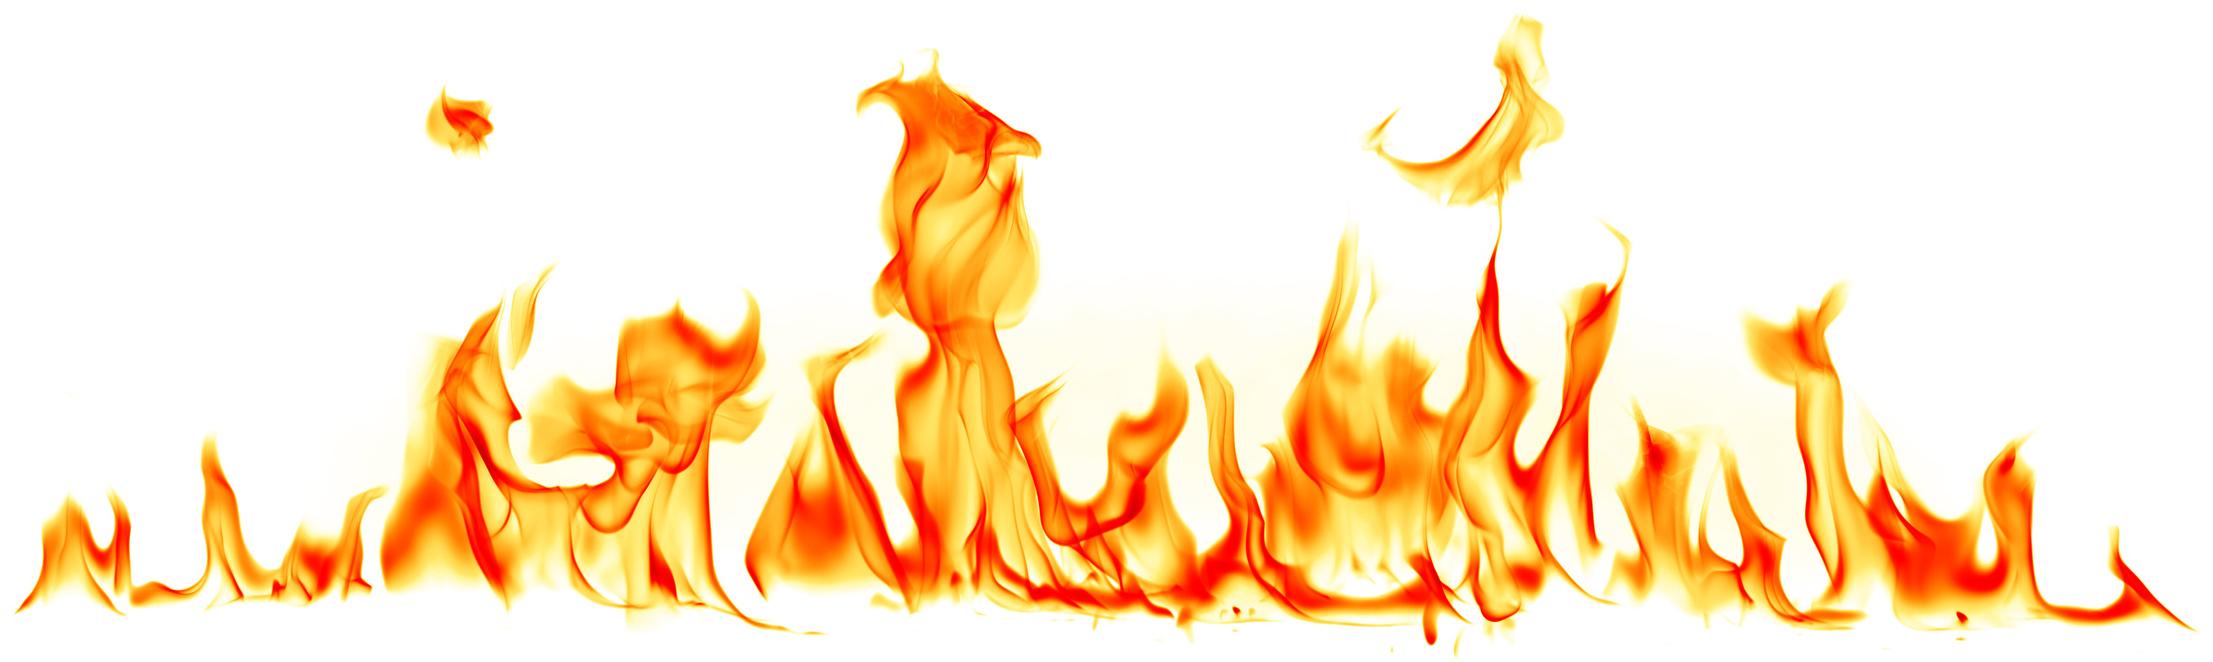 Flamme An Die Grillstation In Bad Salzuflen Lockhausen